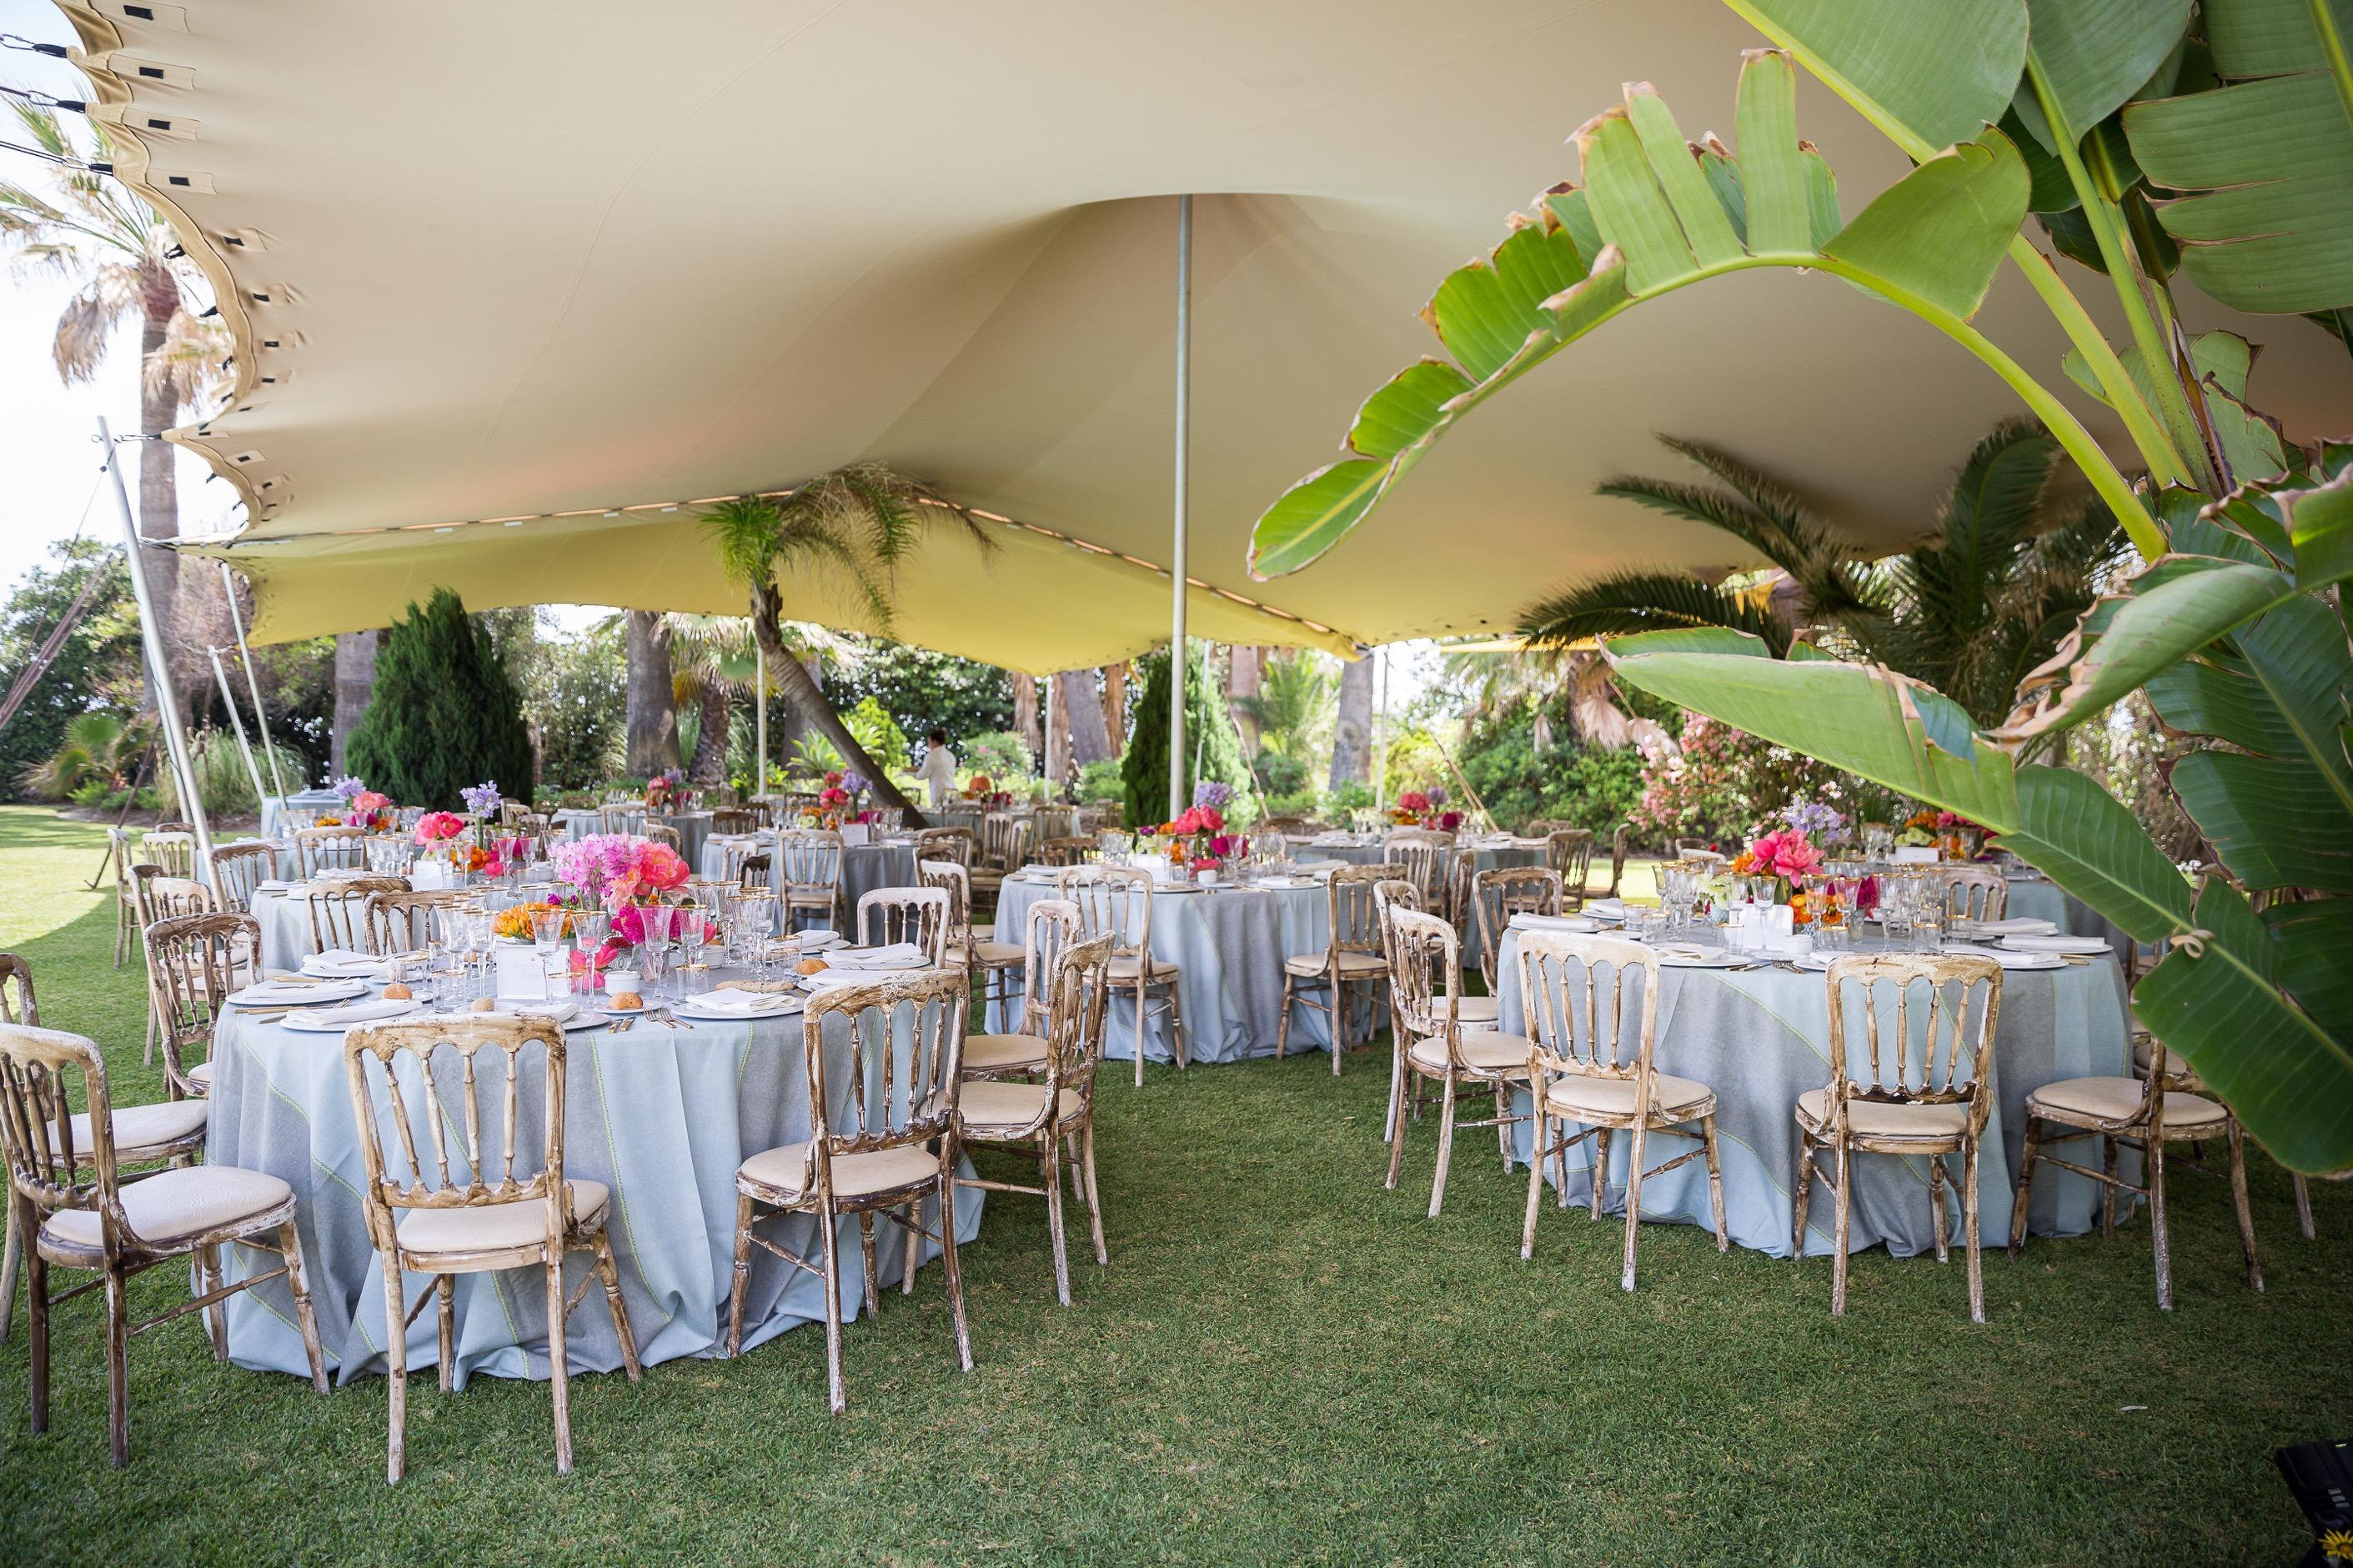 Si-Quiero-Wedding-Planners-Marbella-Isabel-Manolo-109